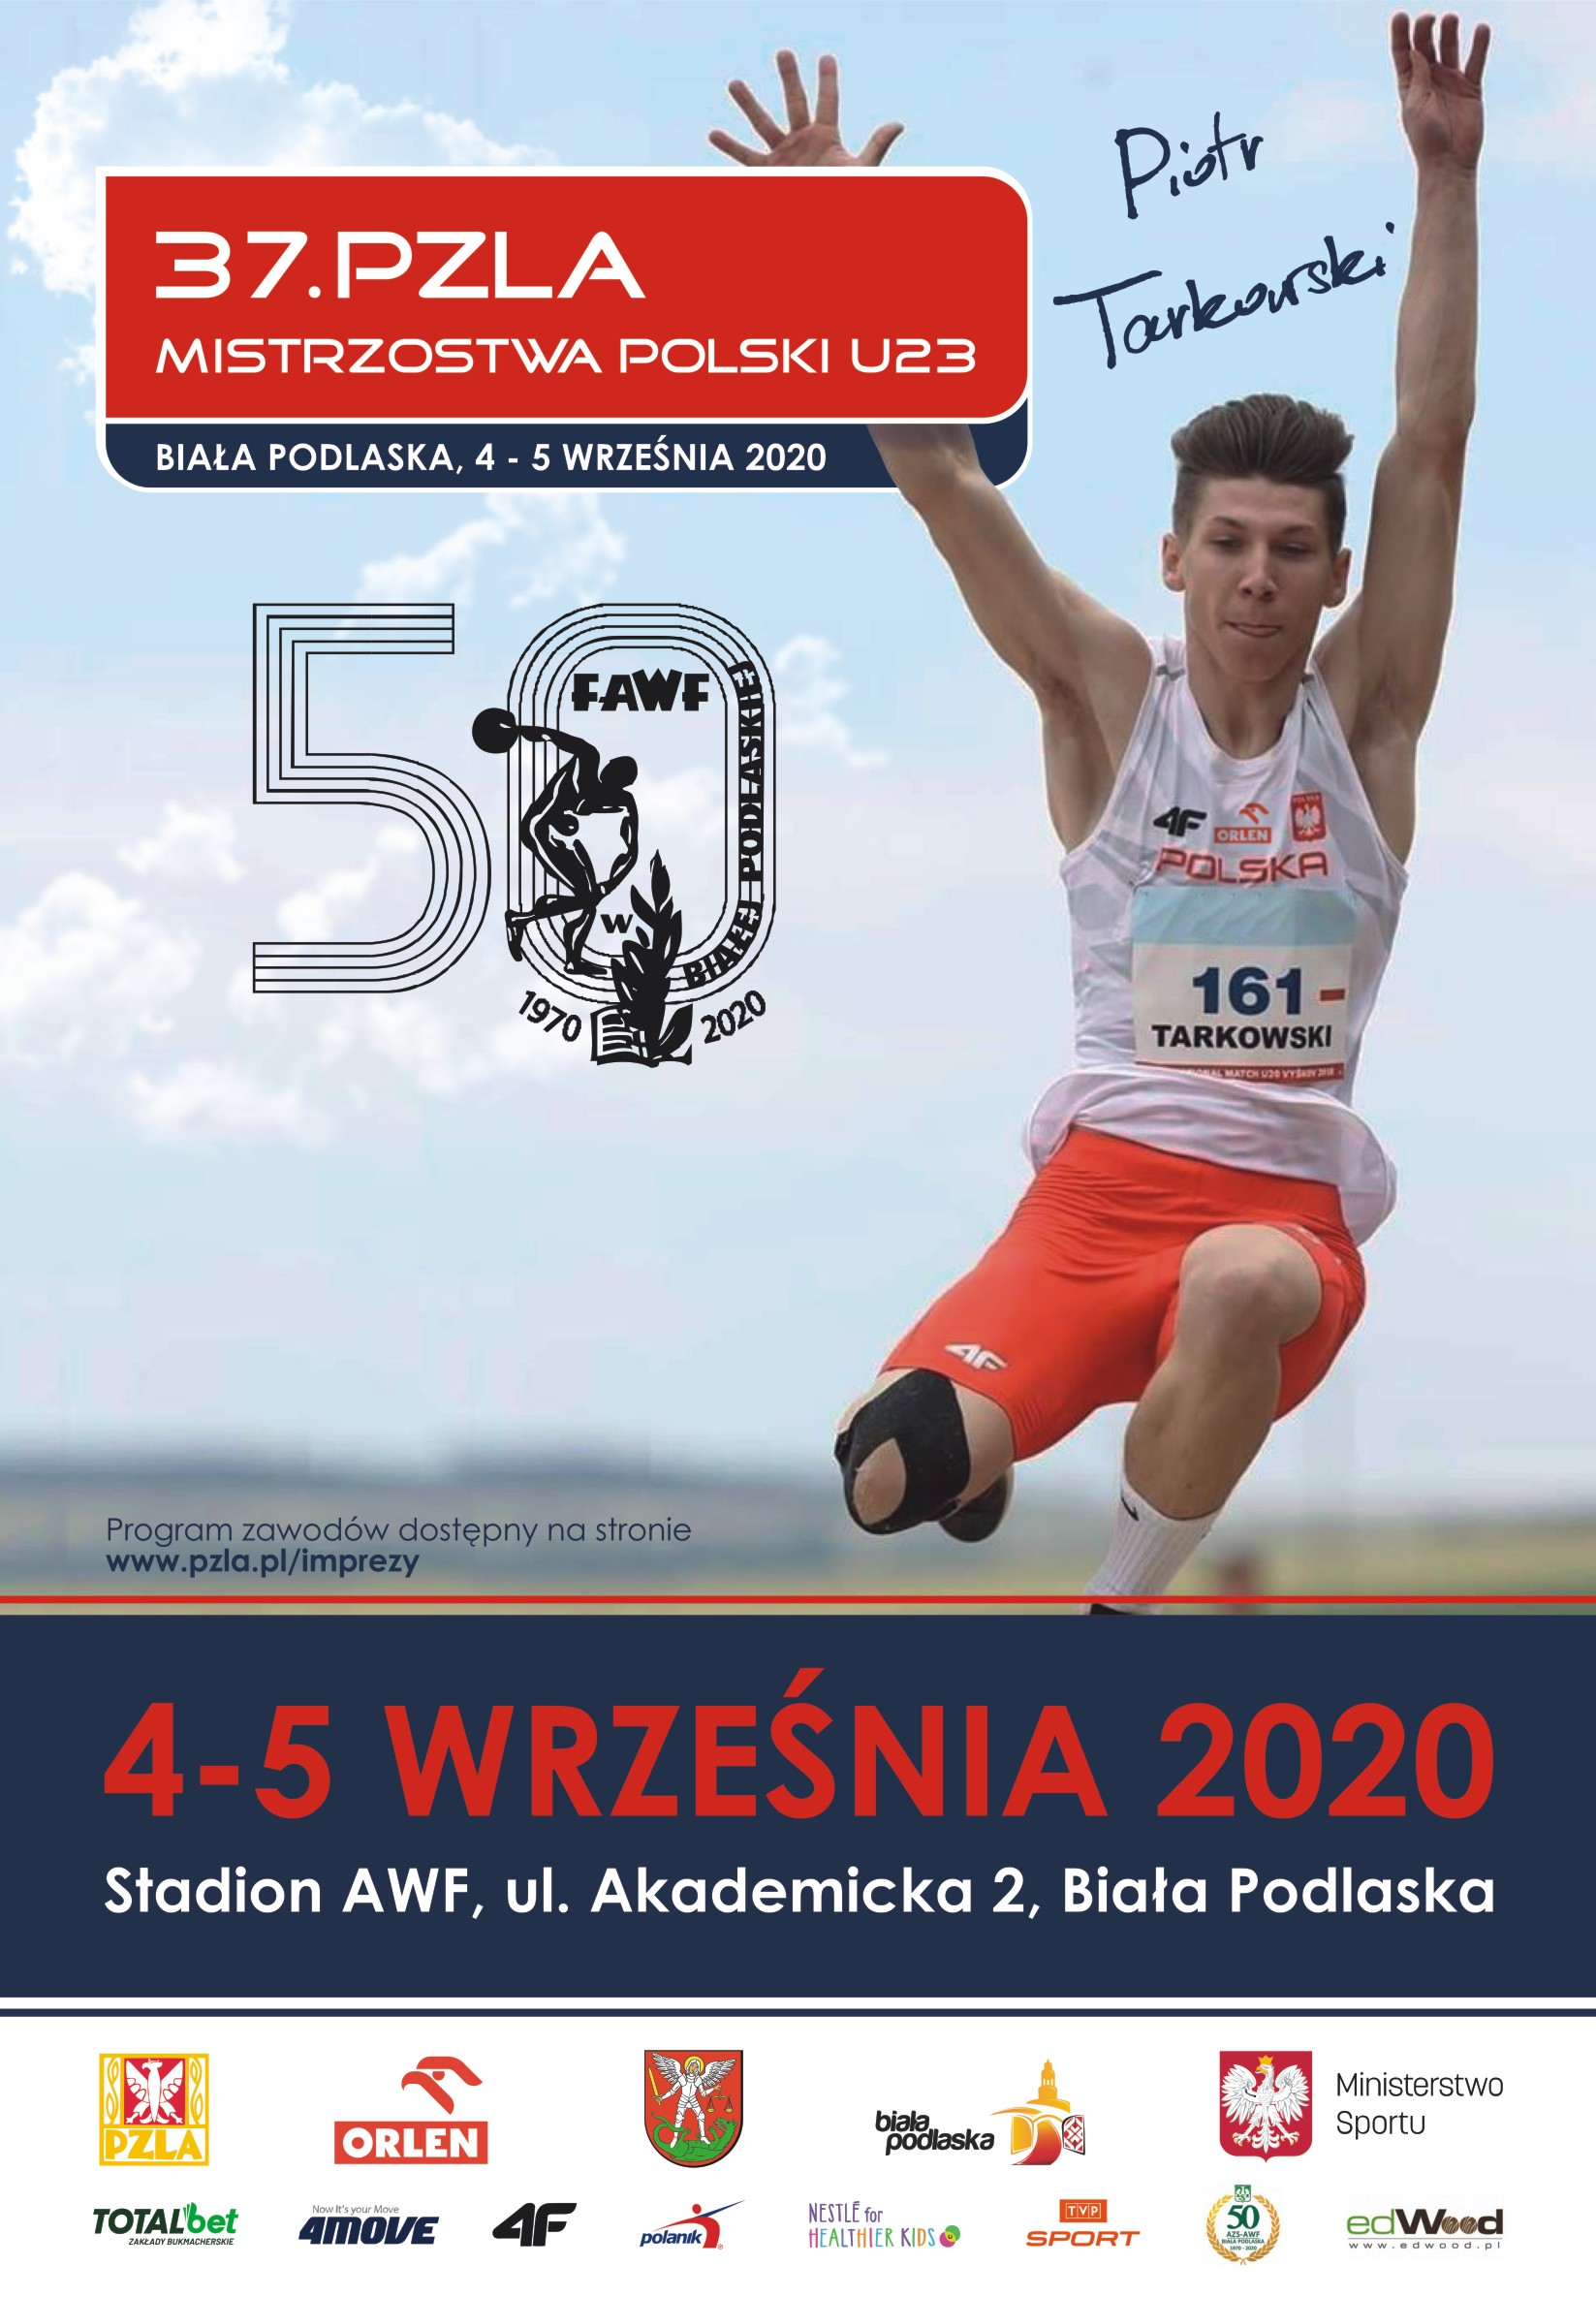 Sześć medali dla AZS UMCS Lublin podczas 37. PZLA Mistrzostw Polski U23